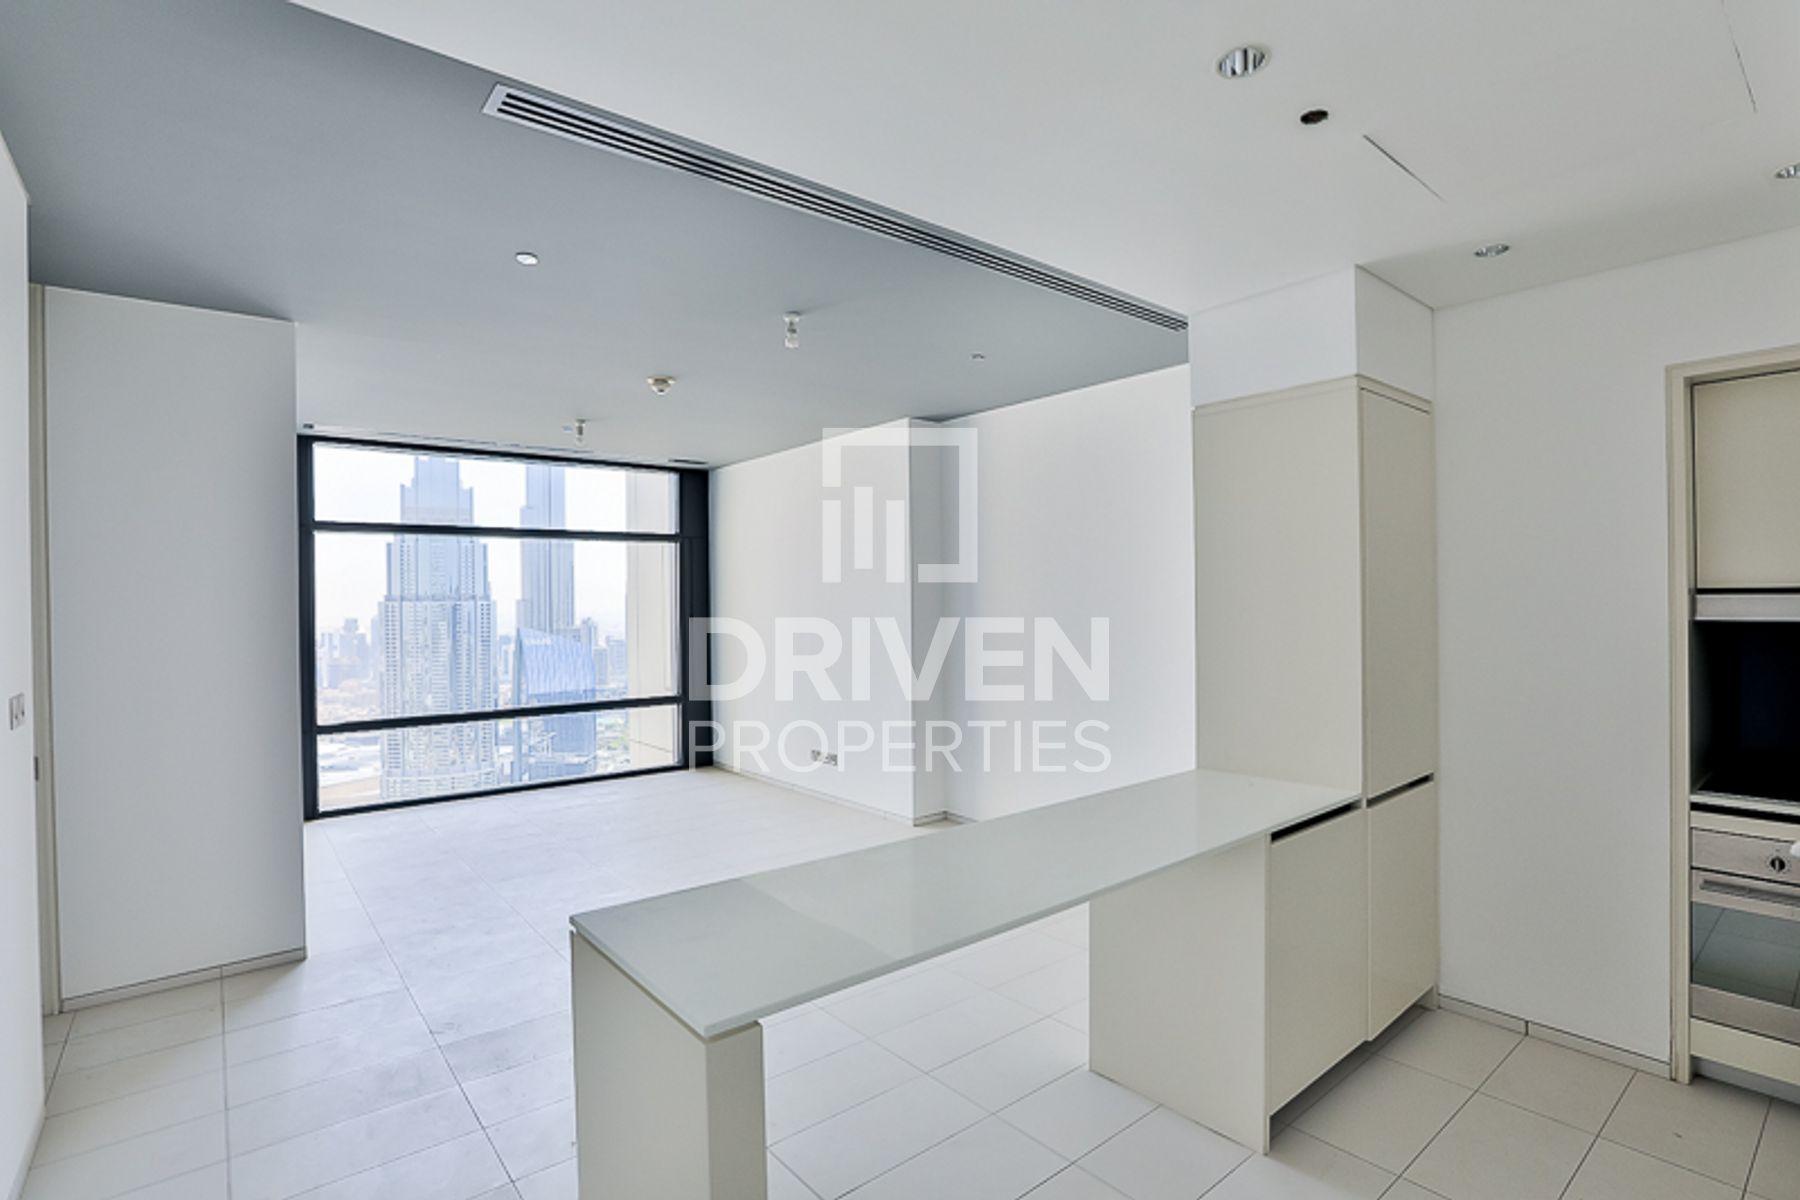 967 قدم مربع  شقة - للايجار - مركز دبي المالي العالمي